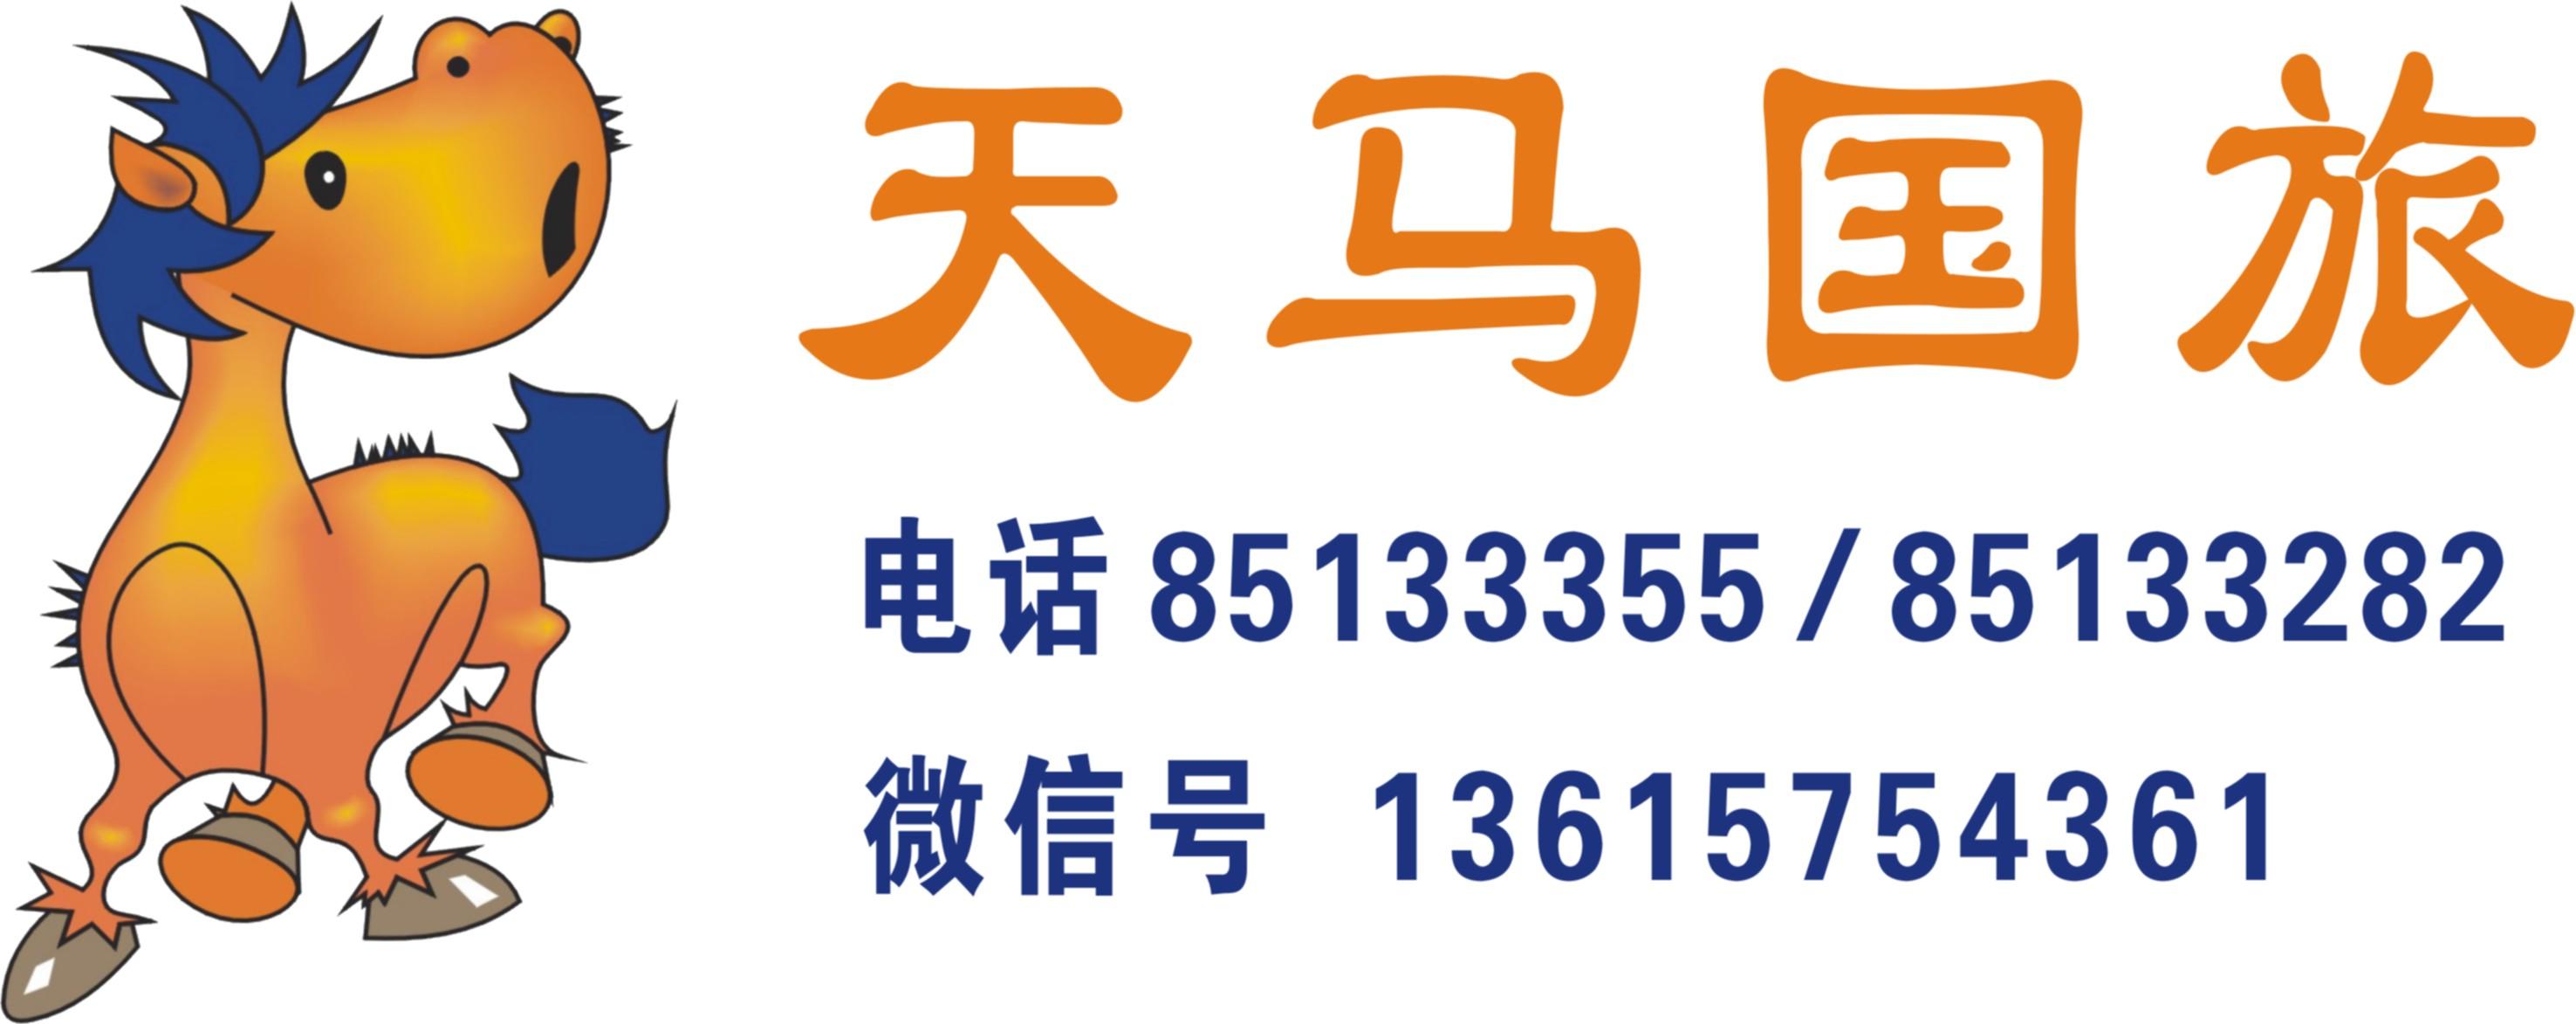 6月【象出没 西双版纳、打洛边境双飞奢华5日】2晚国五酒店